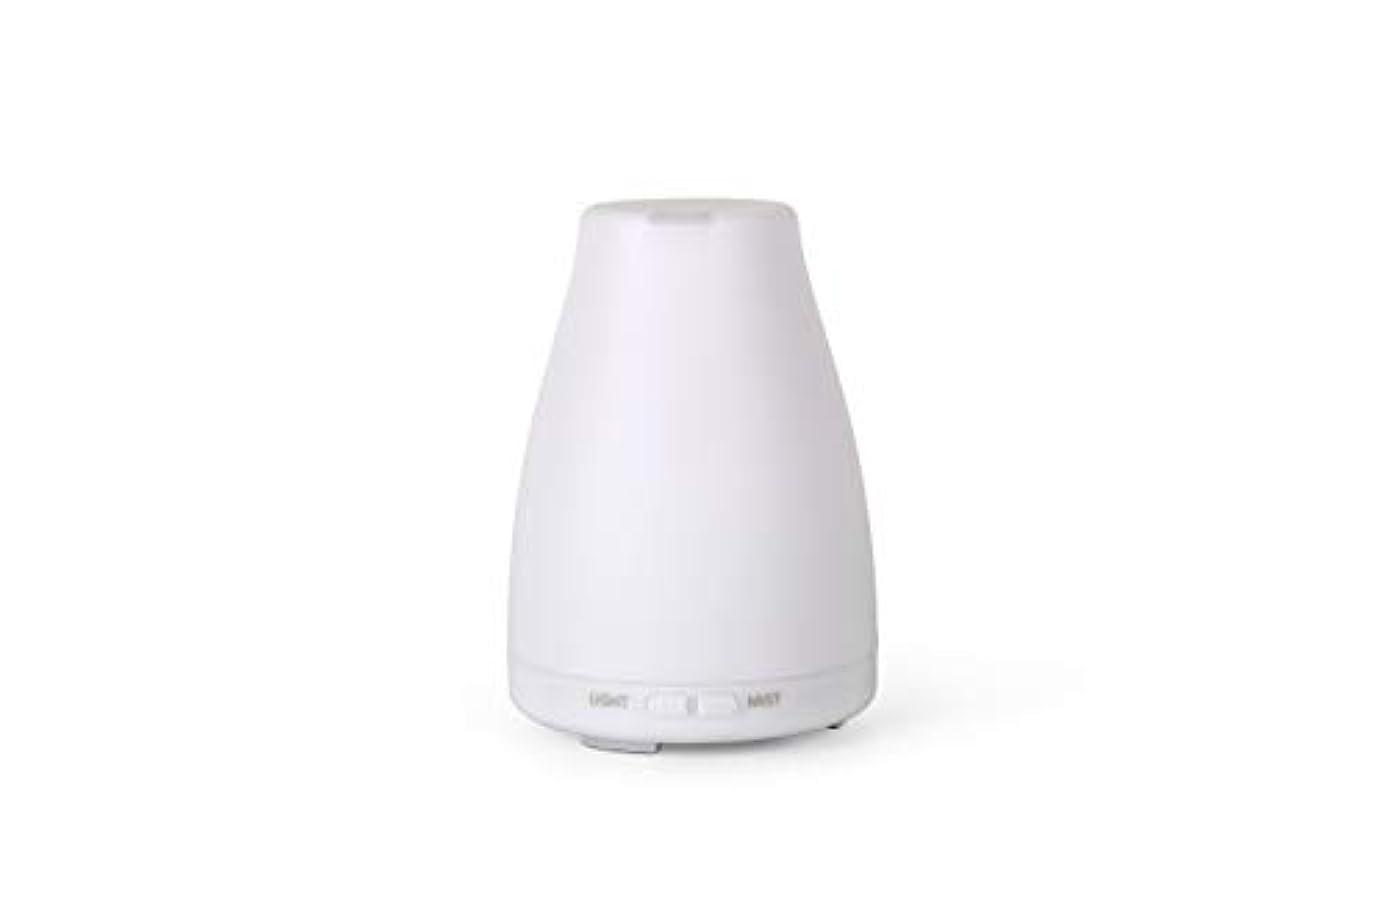 ベルト不注意ダウンアロマディフューザーGA101-W 加湿器 日本語取扱説明書 超音波式 7色LEDライト 空焚き防止